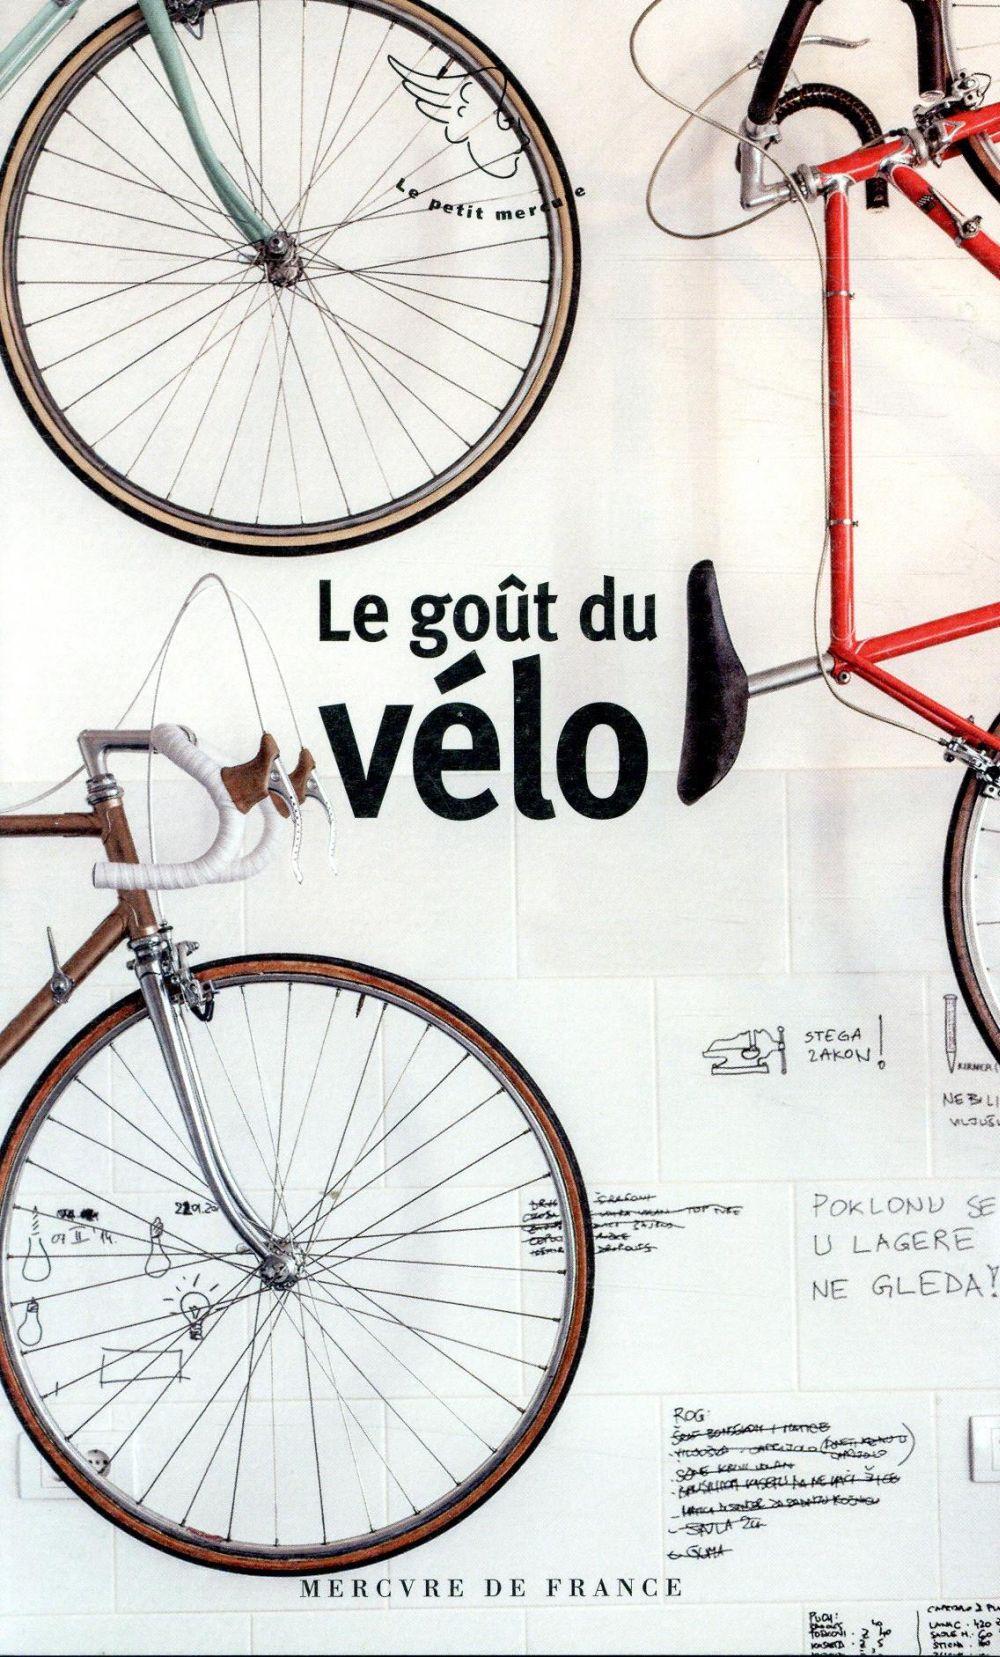 Le goût du vélo